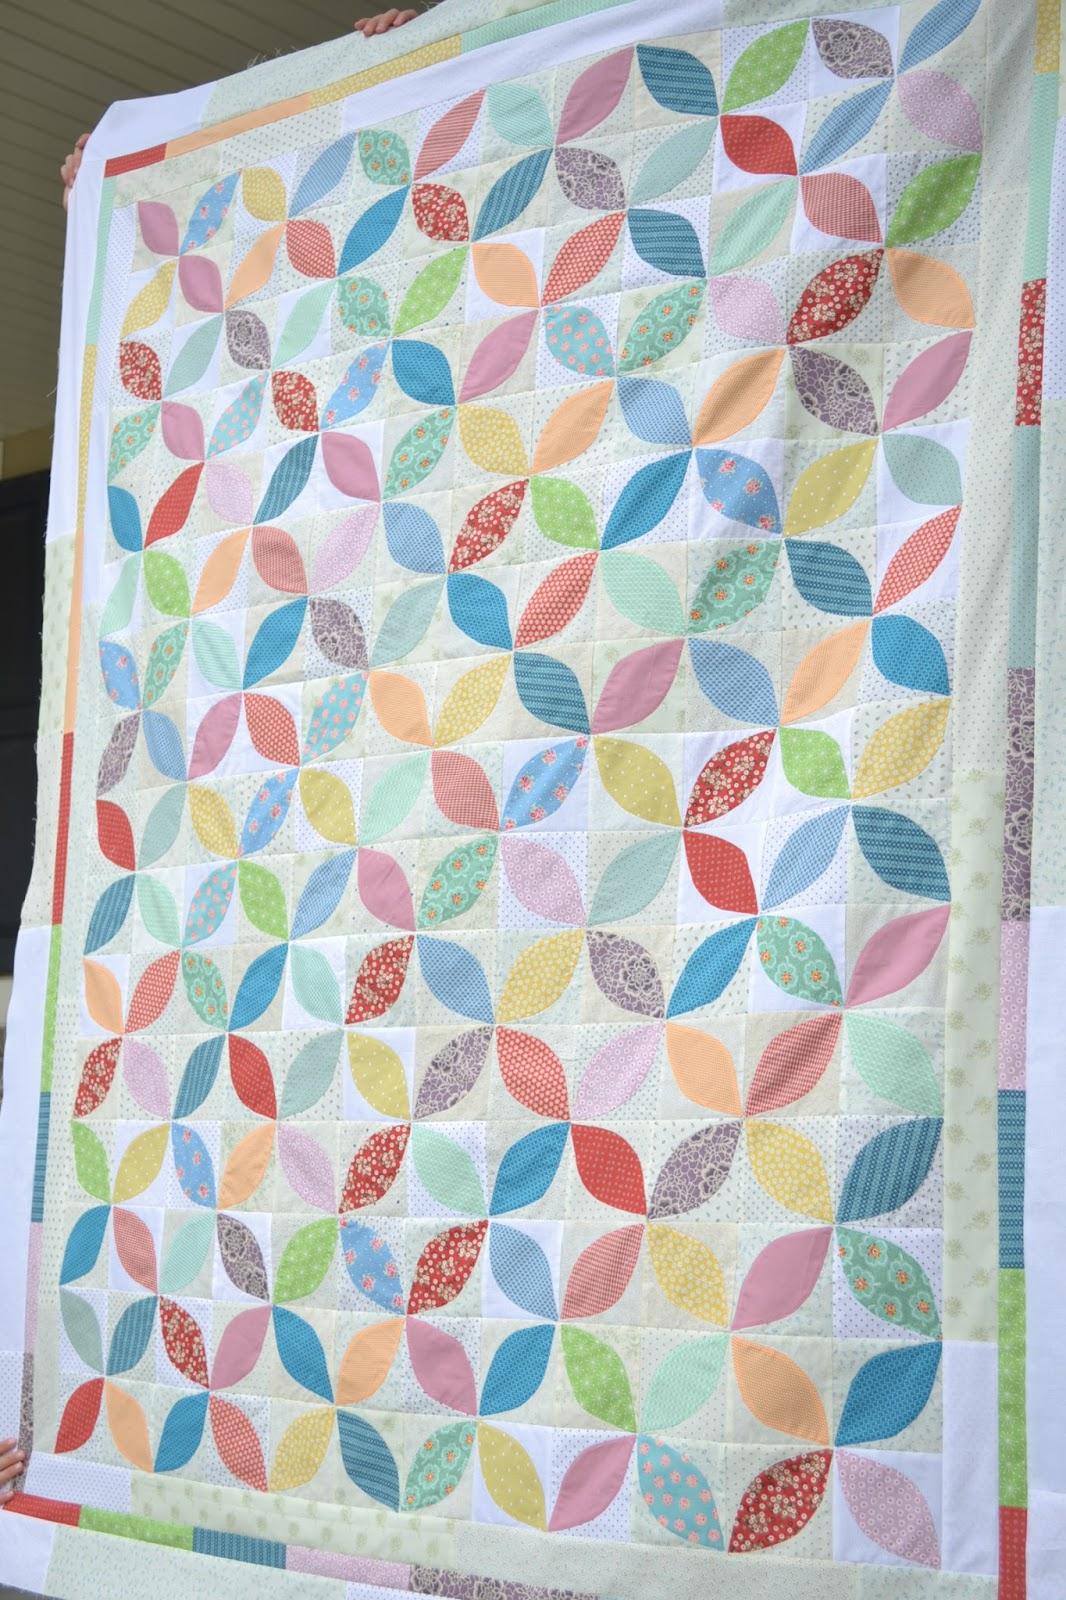 Tea Rose Home: Orange Peel Quilt : orange peel quilt - Adamdwight.com